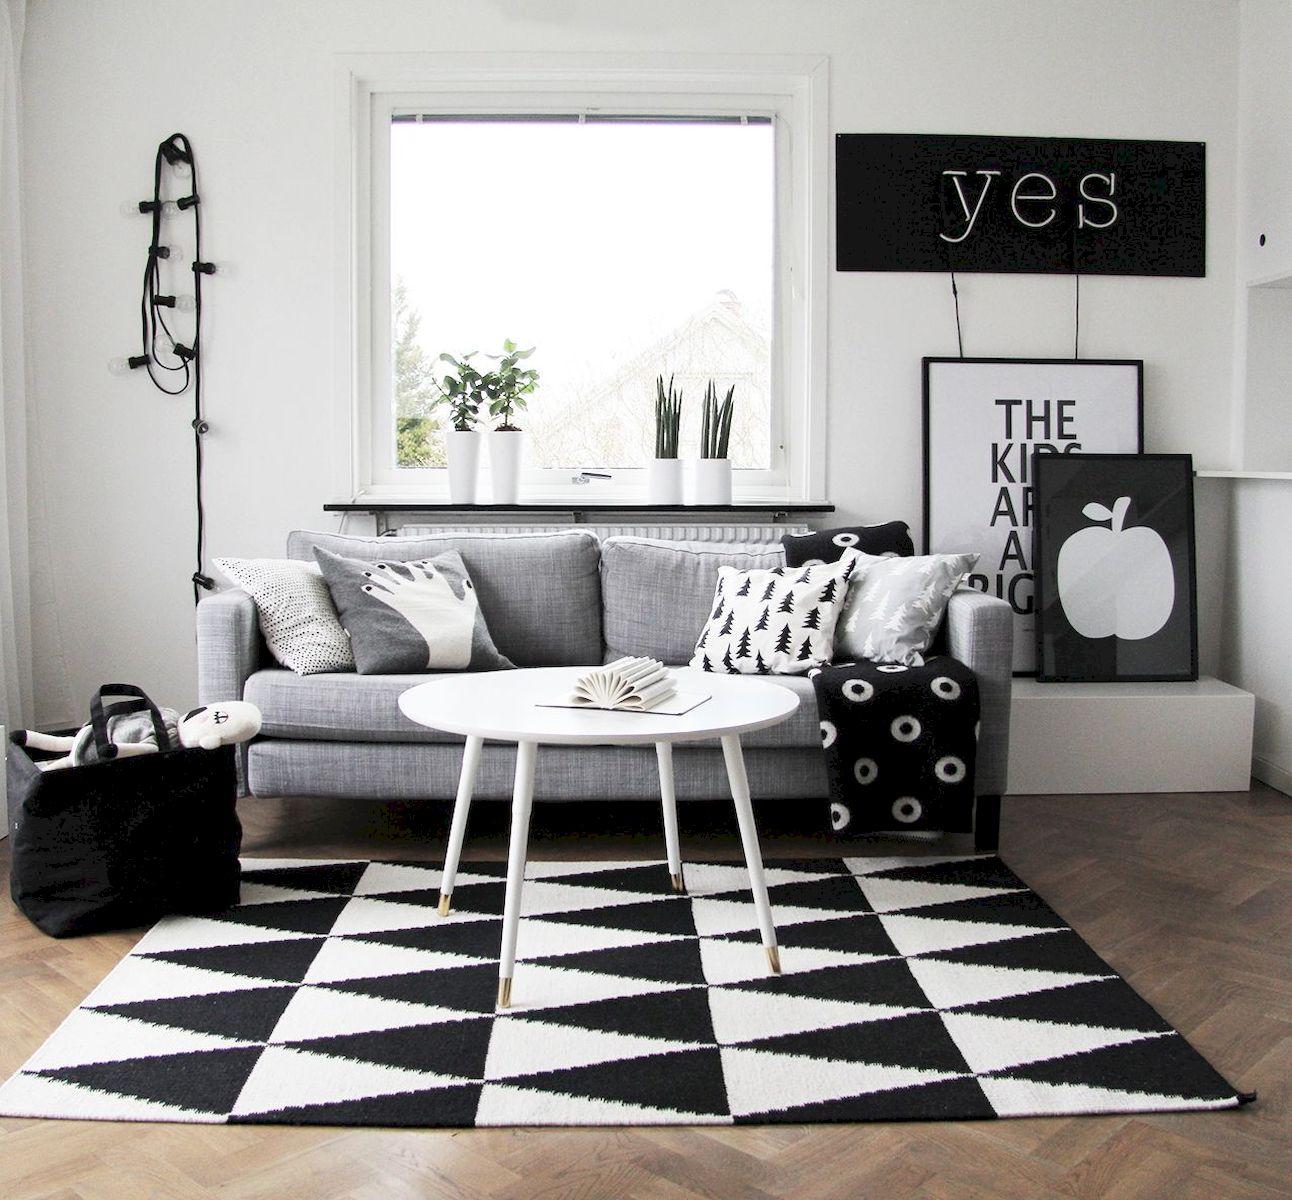 Как подобрать ковёр к интерьеру: советы декораторов и беспроигрышные сочетания